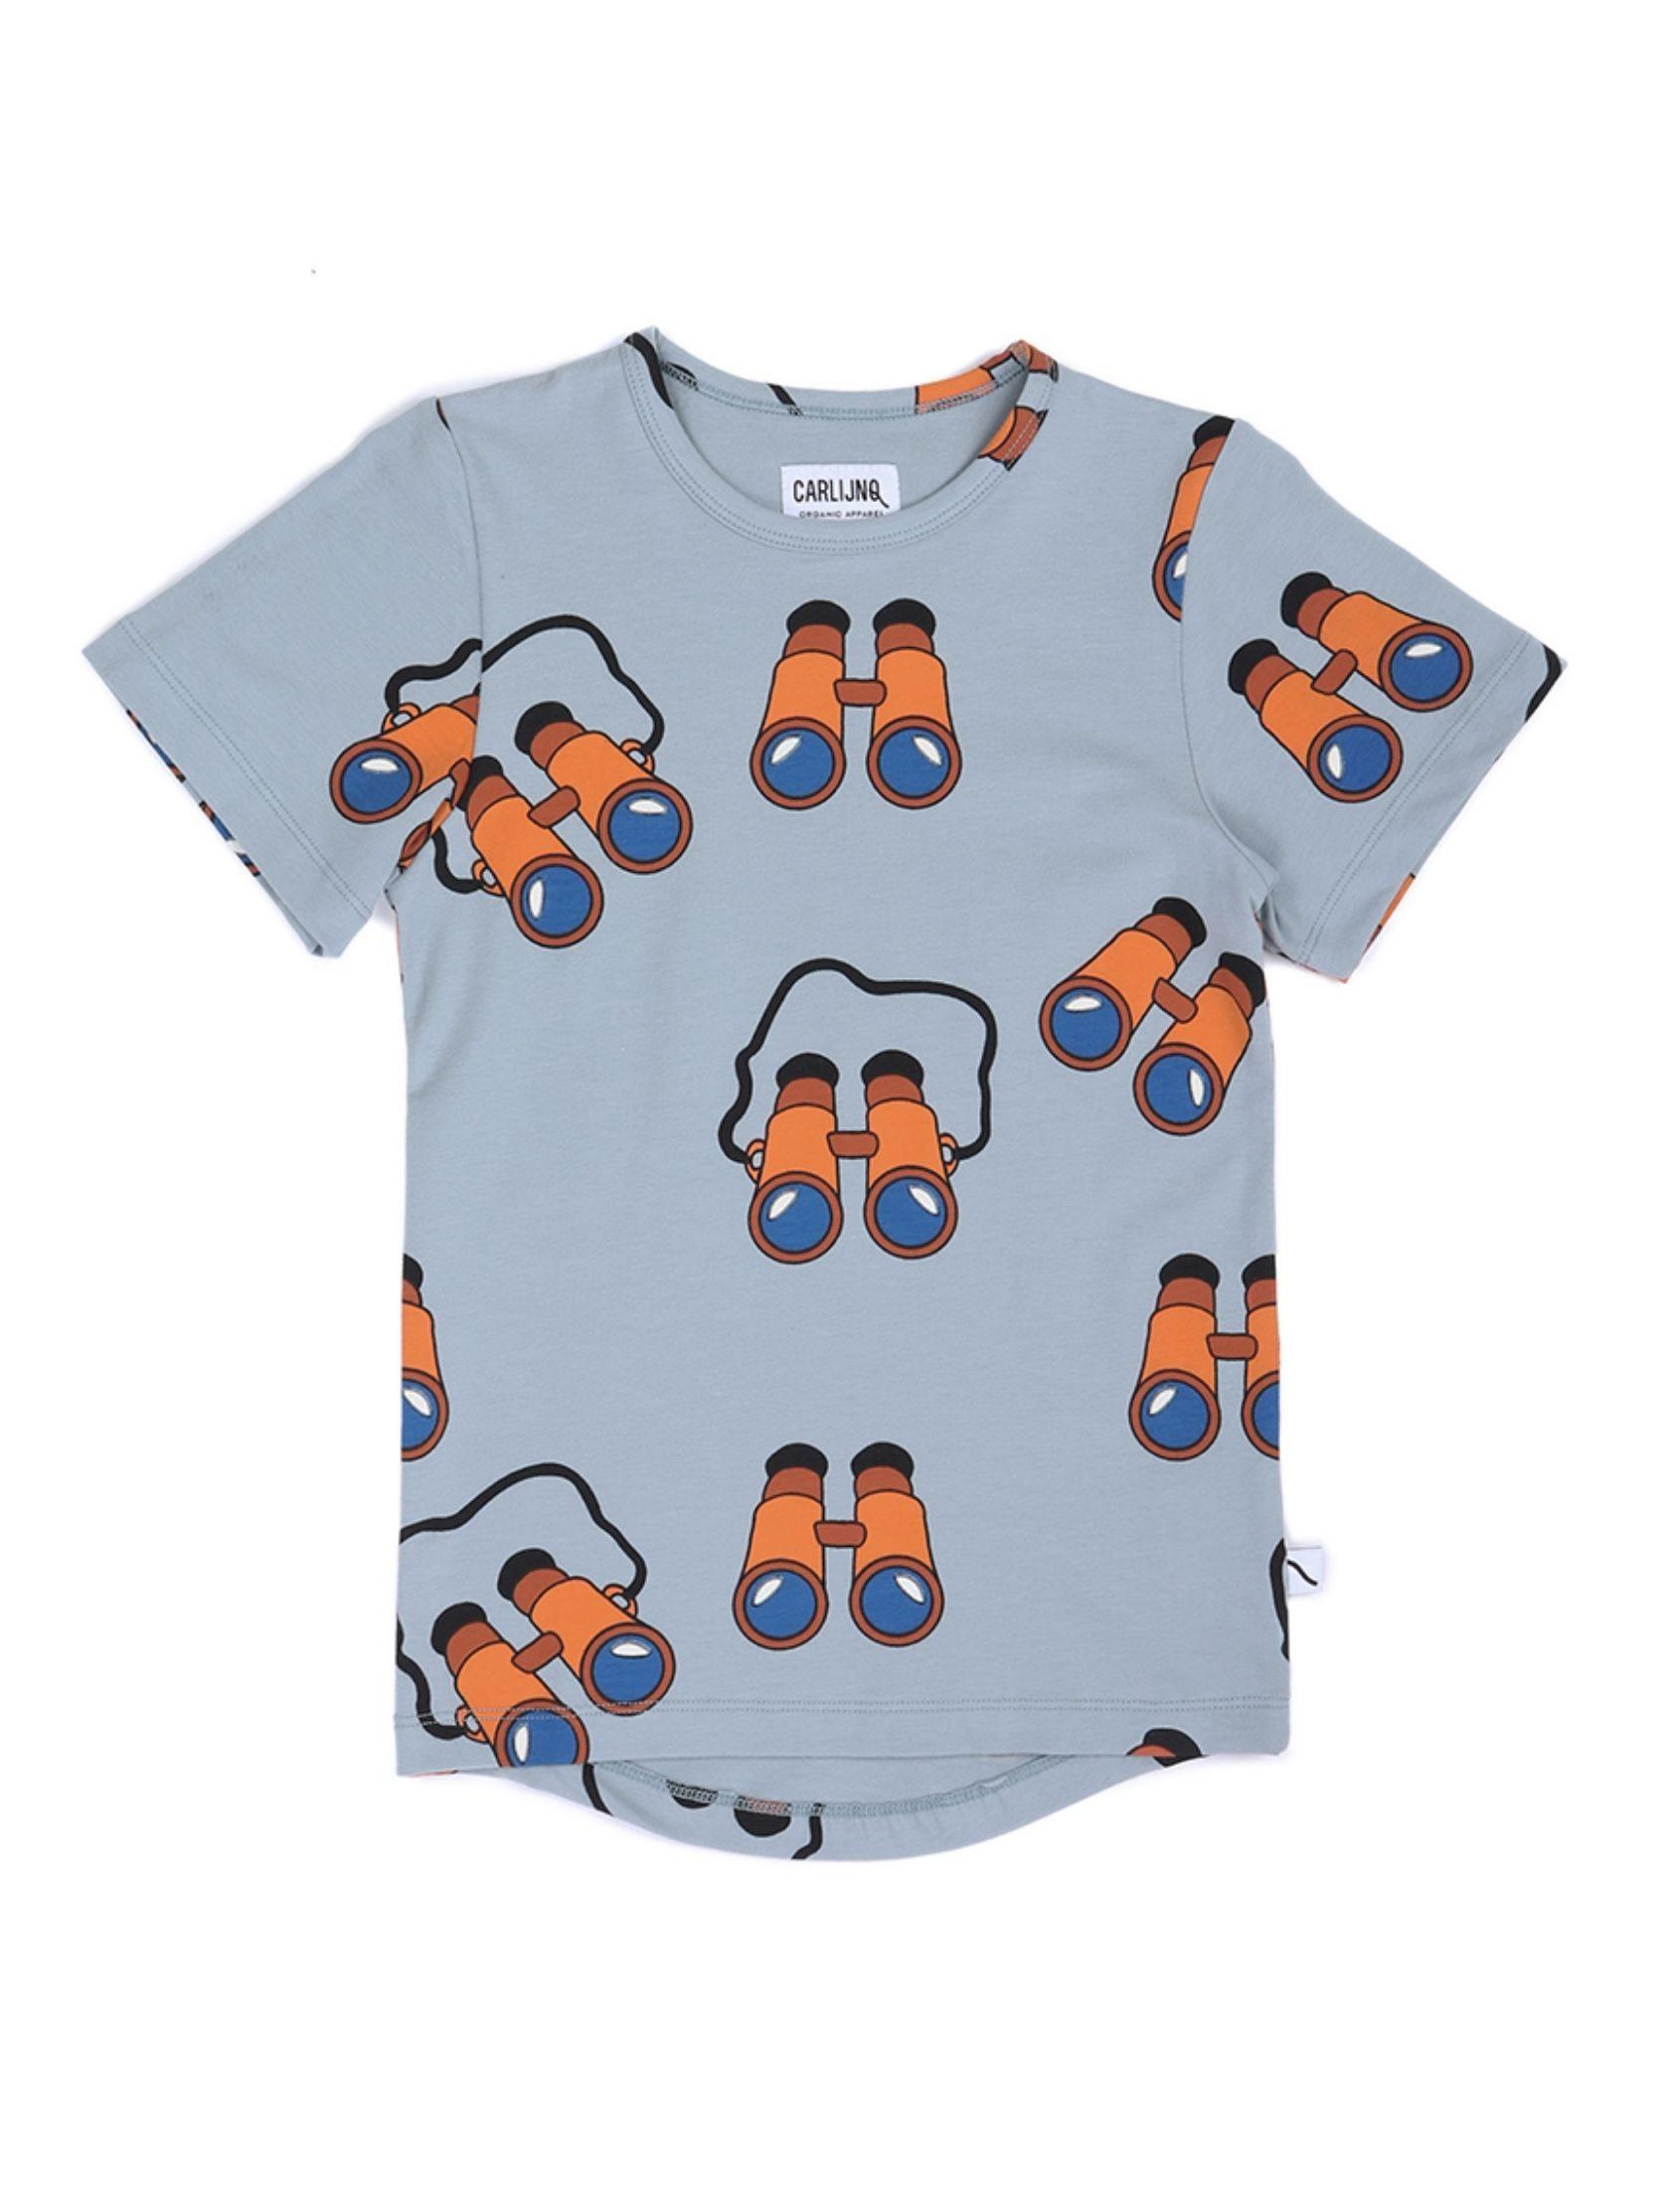 camiseta de manga corta nfantil con estampado de binoculares de carlijnq